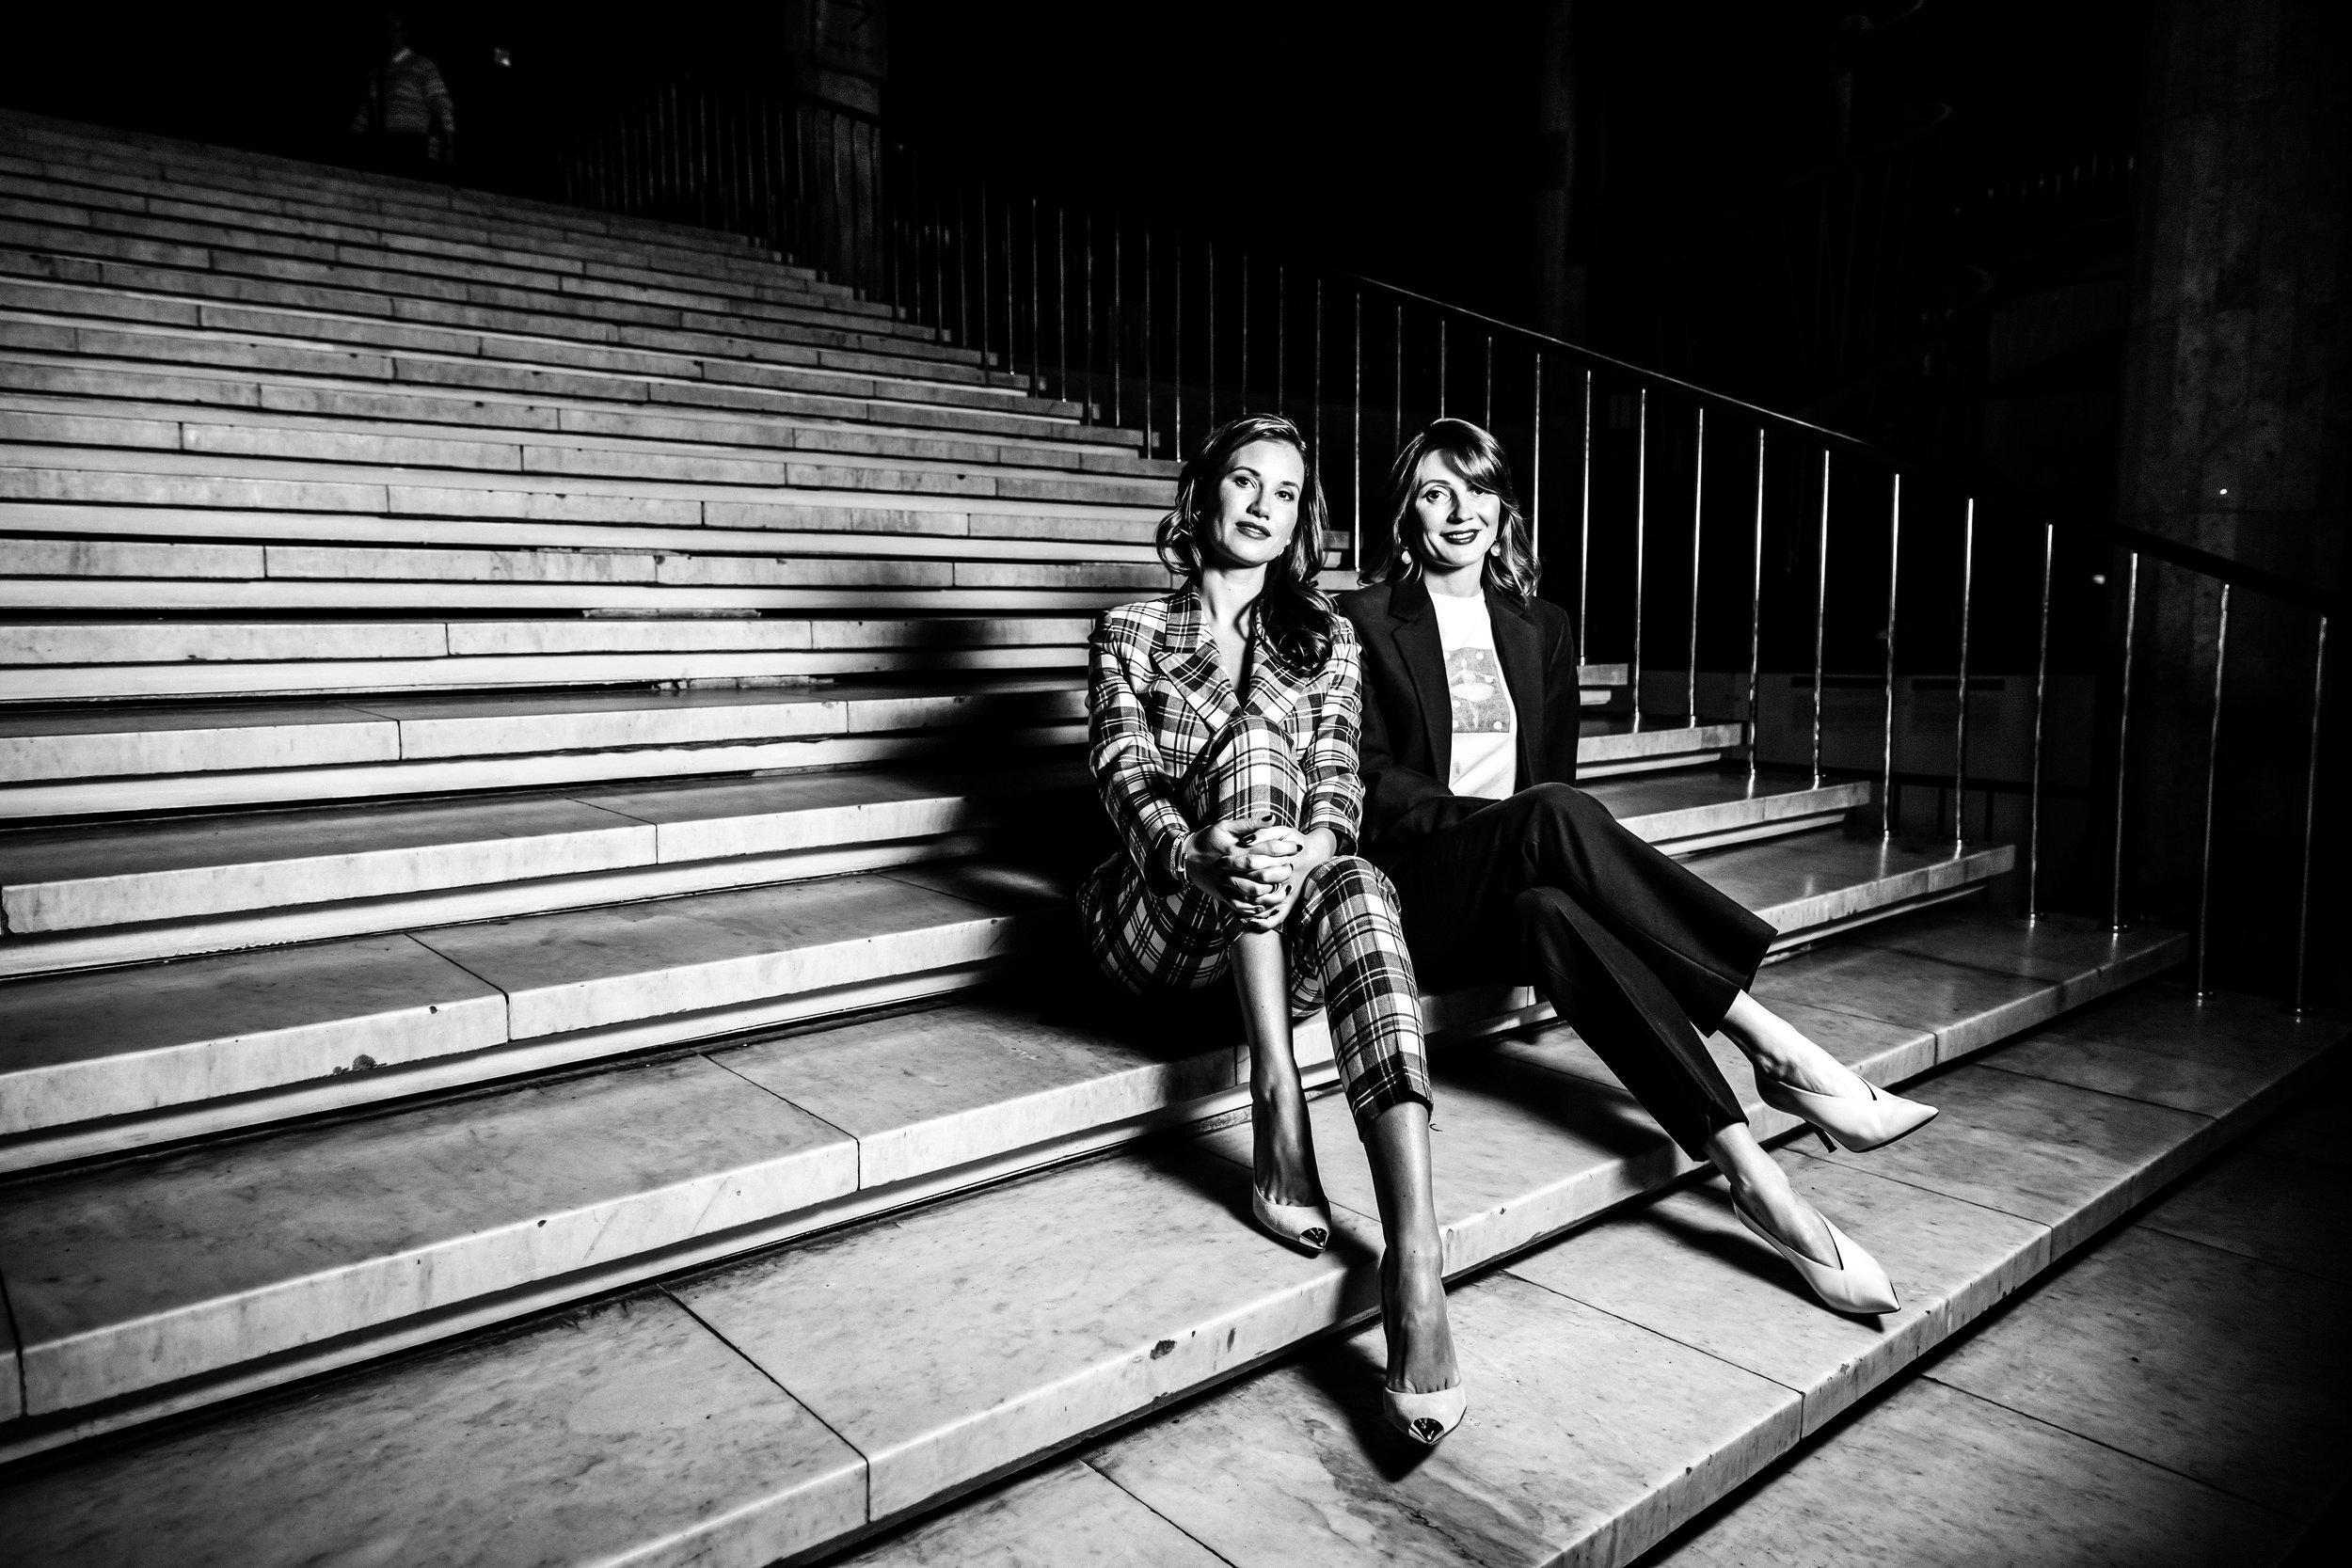 4_Ekaterina Vinokurova and Anastasia Karneeva.jpg